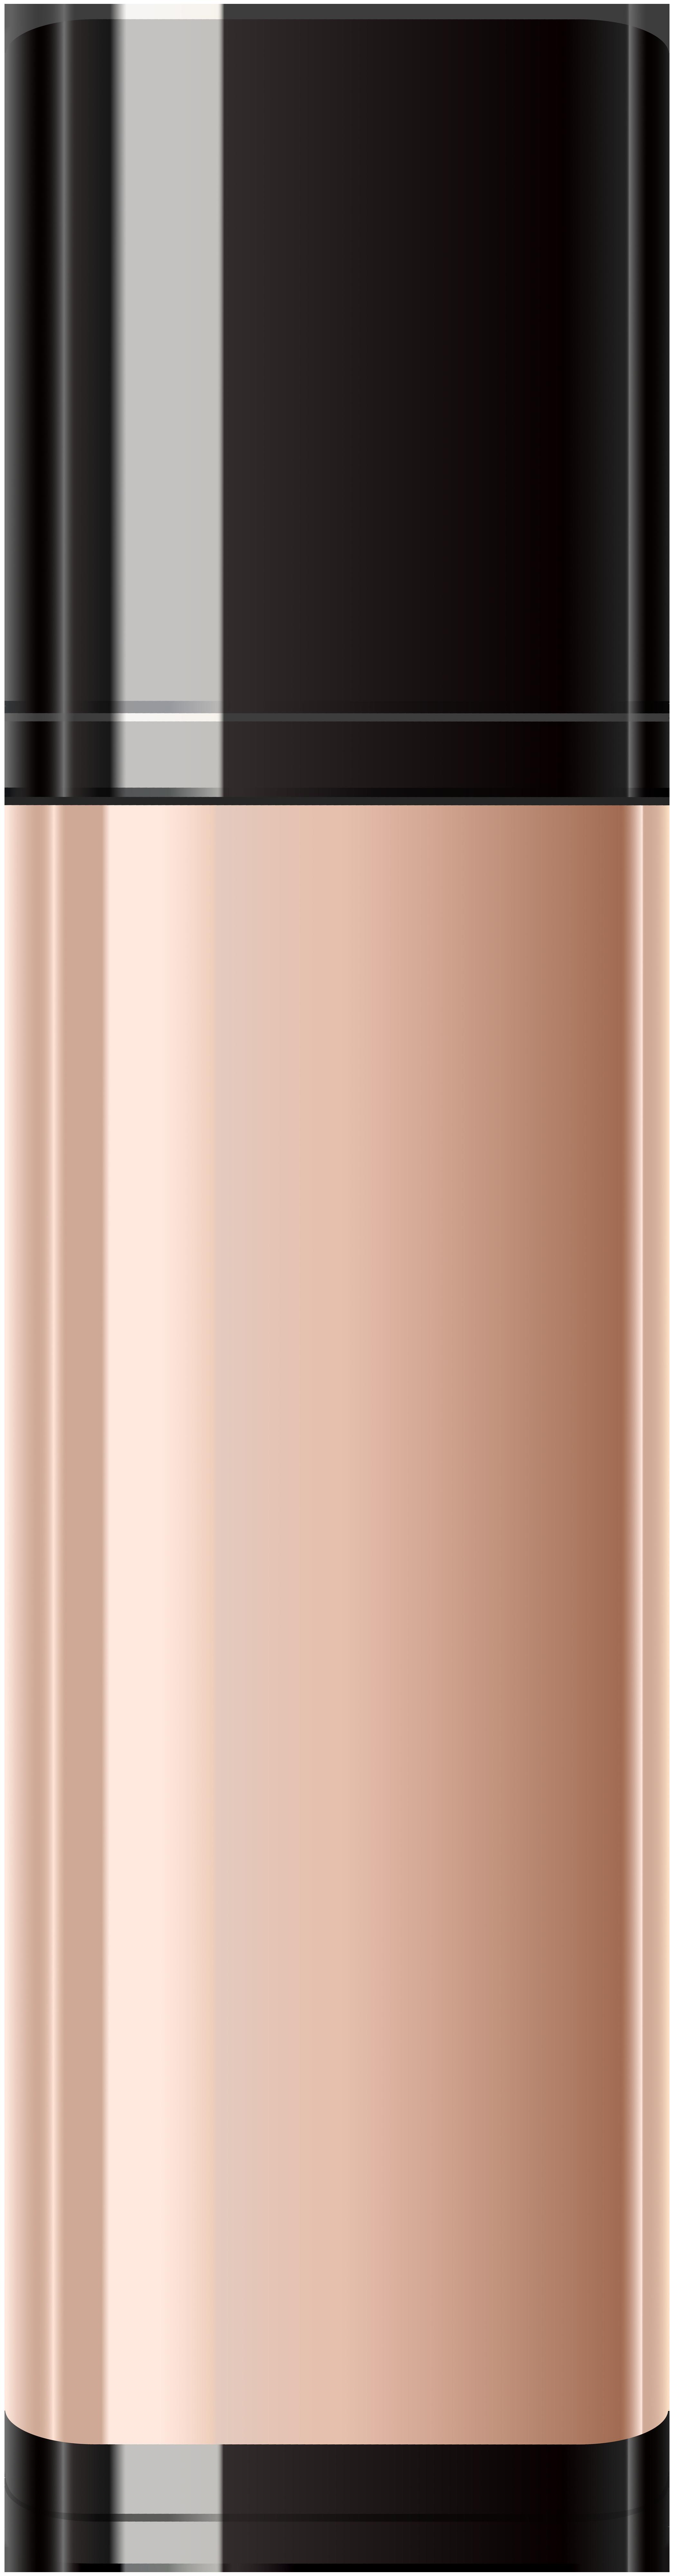 Makeup foundation clipart svg Foundation Makeup Bottle PNG Clip Art Image   Gallery ... svg